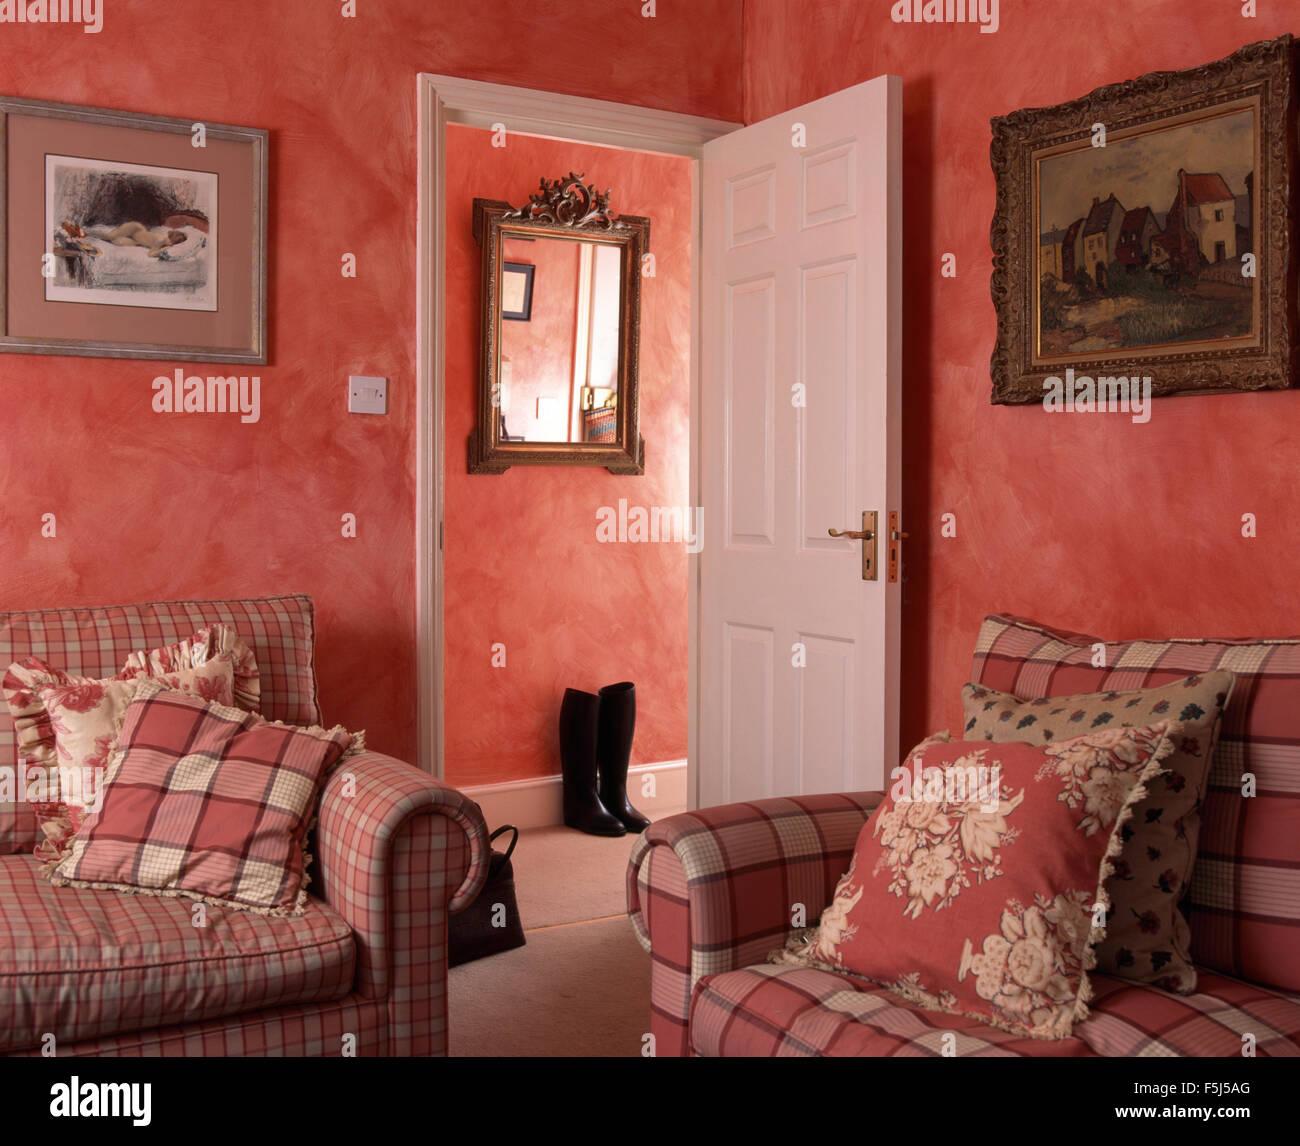 Peinture À L Éponge Sur Mur vu rouge canapés avec coussins tonifiant dans un salon rouge